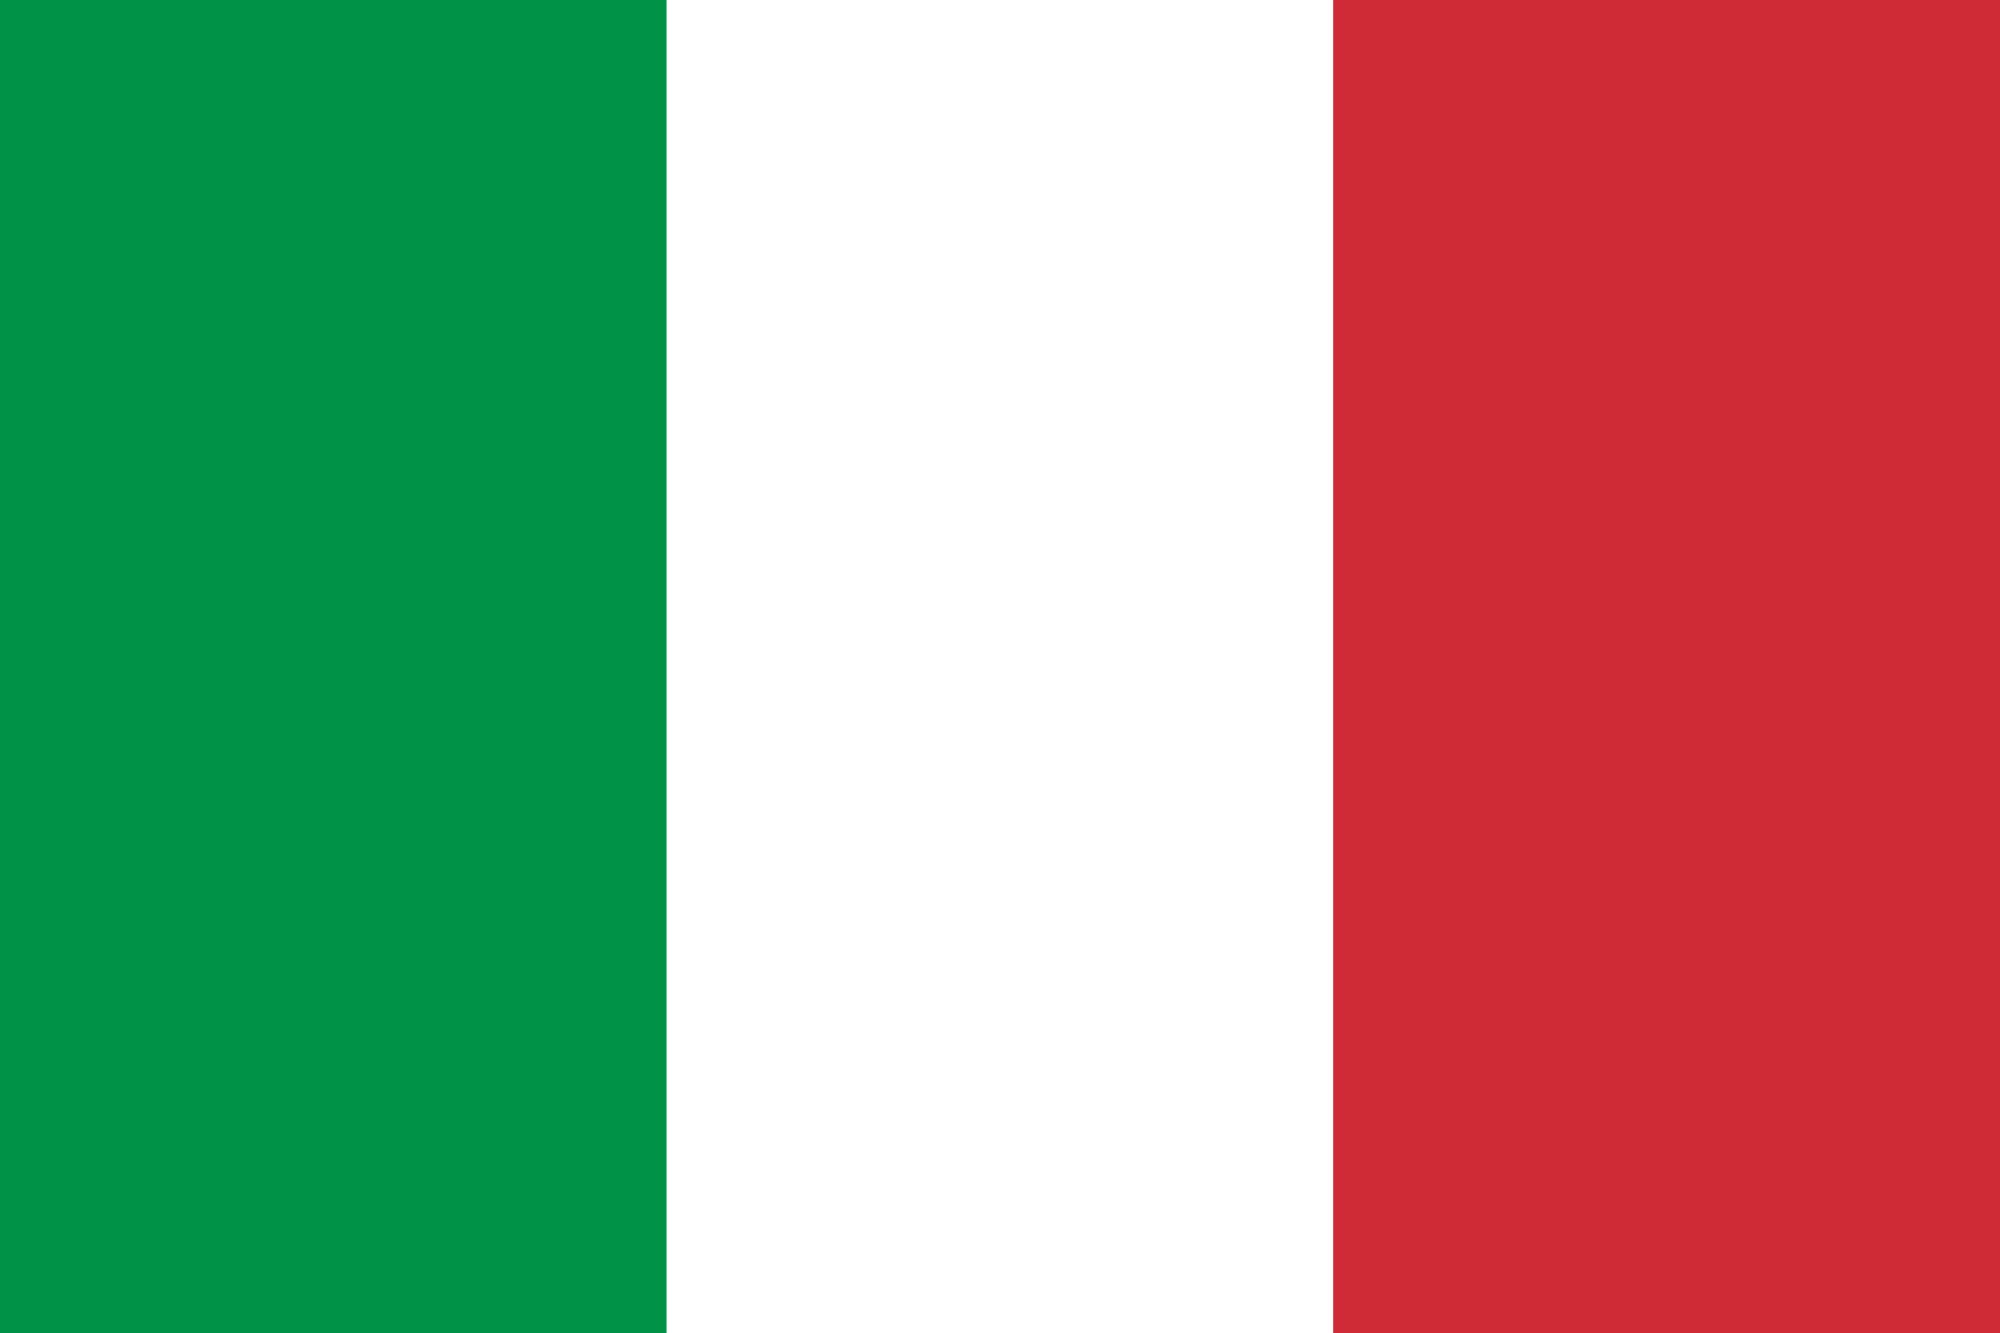 Bandeira da Itália • Bandeiras do Mundo